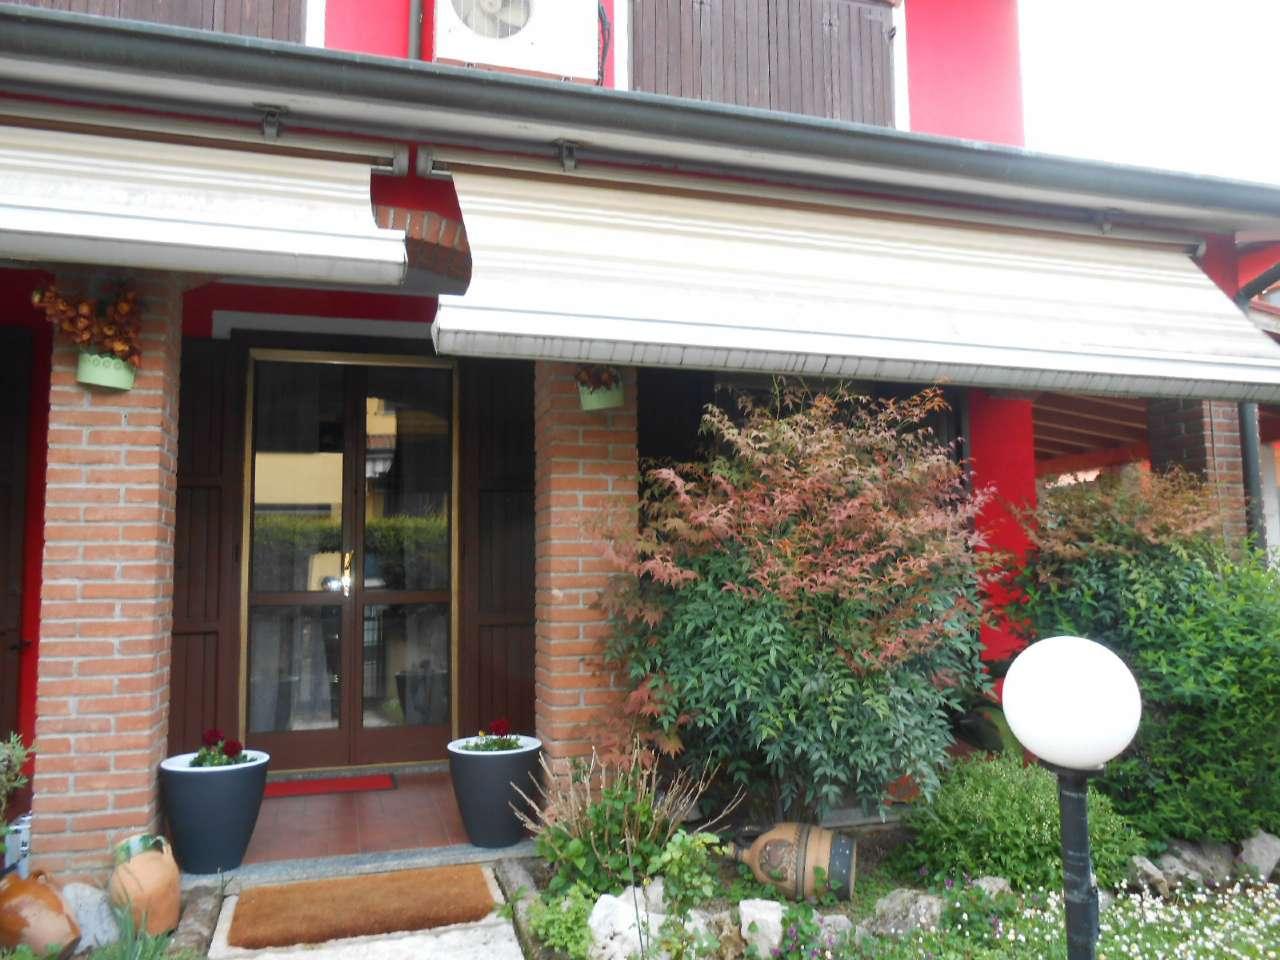 Villa Bifamiliare in vendita a Chieve, 5 locali, prezzo € 240.000 | PortaleAgenzieImmobiliari.it